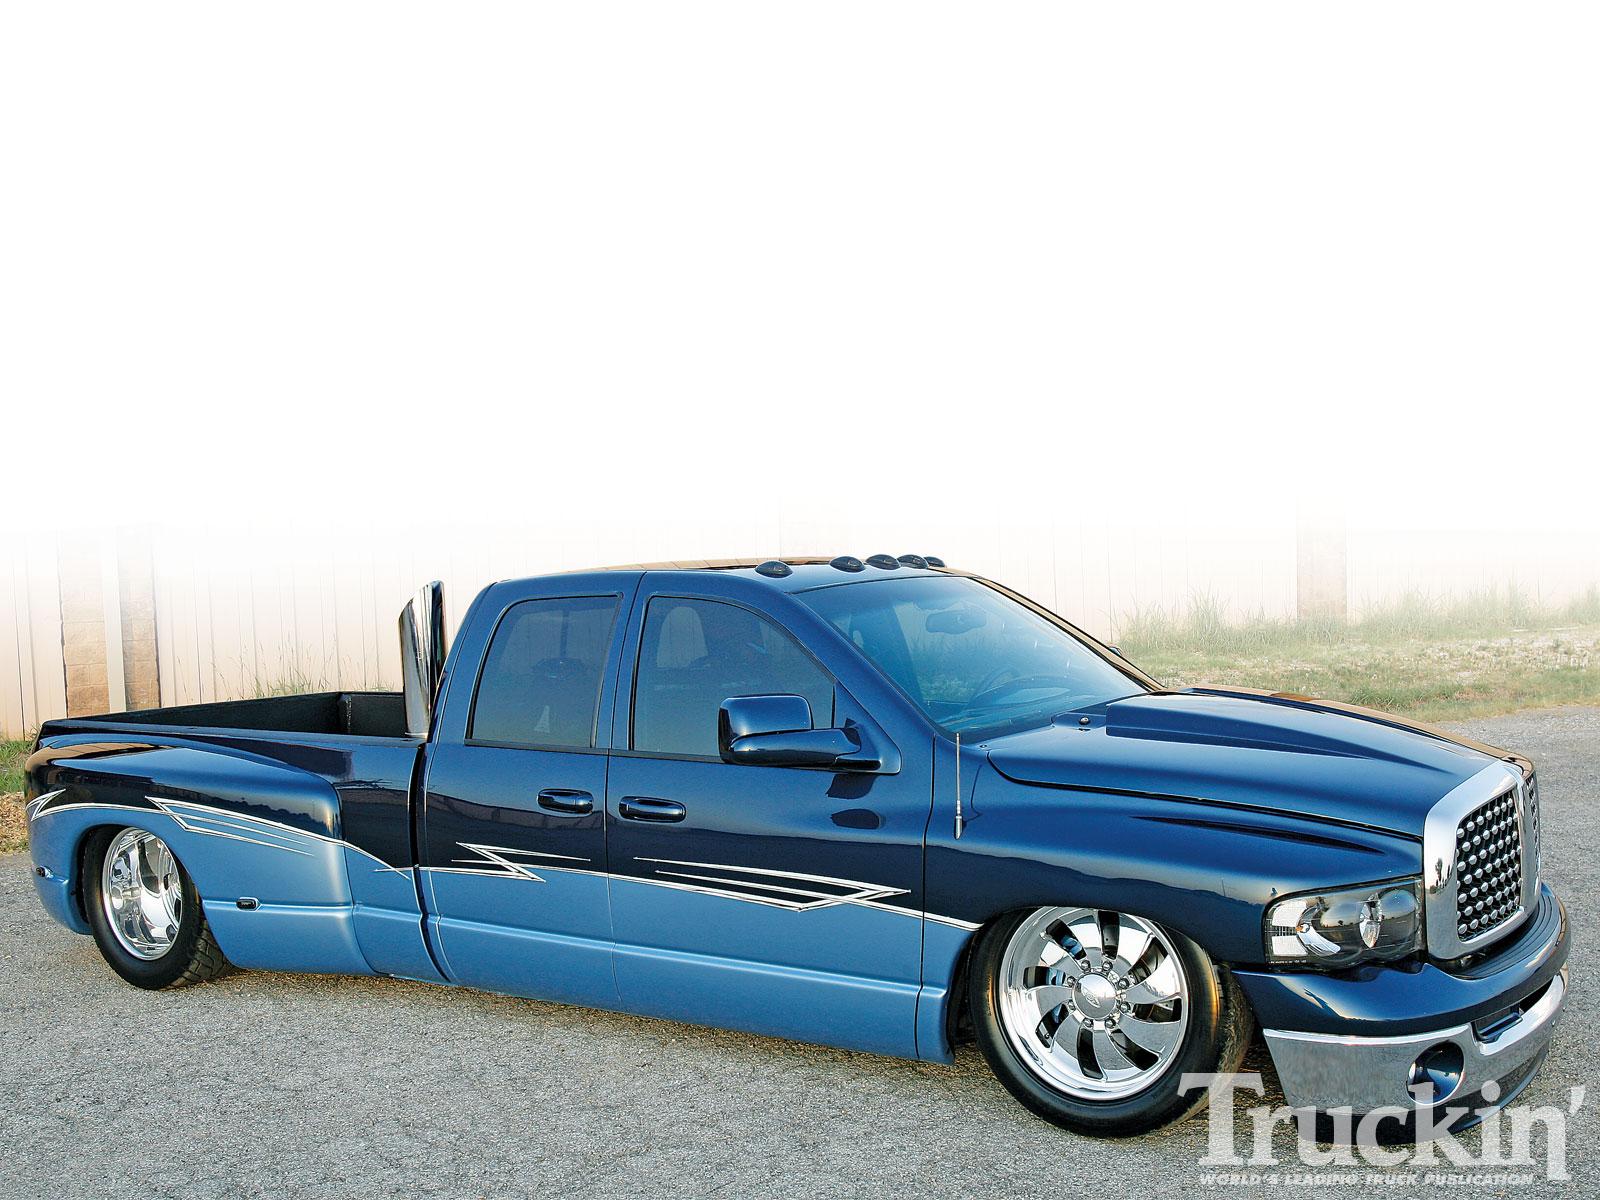 2005 Dodge Ram 3500 5 9l Cummins Diesel Engine Truckin Magazine